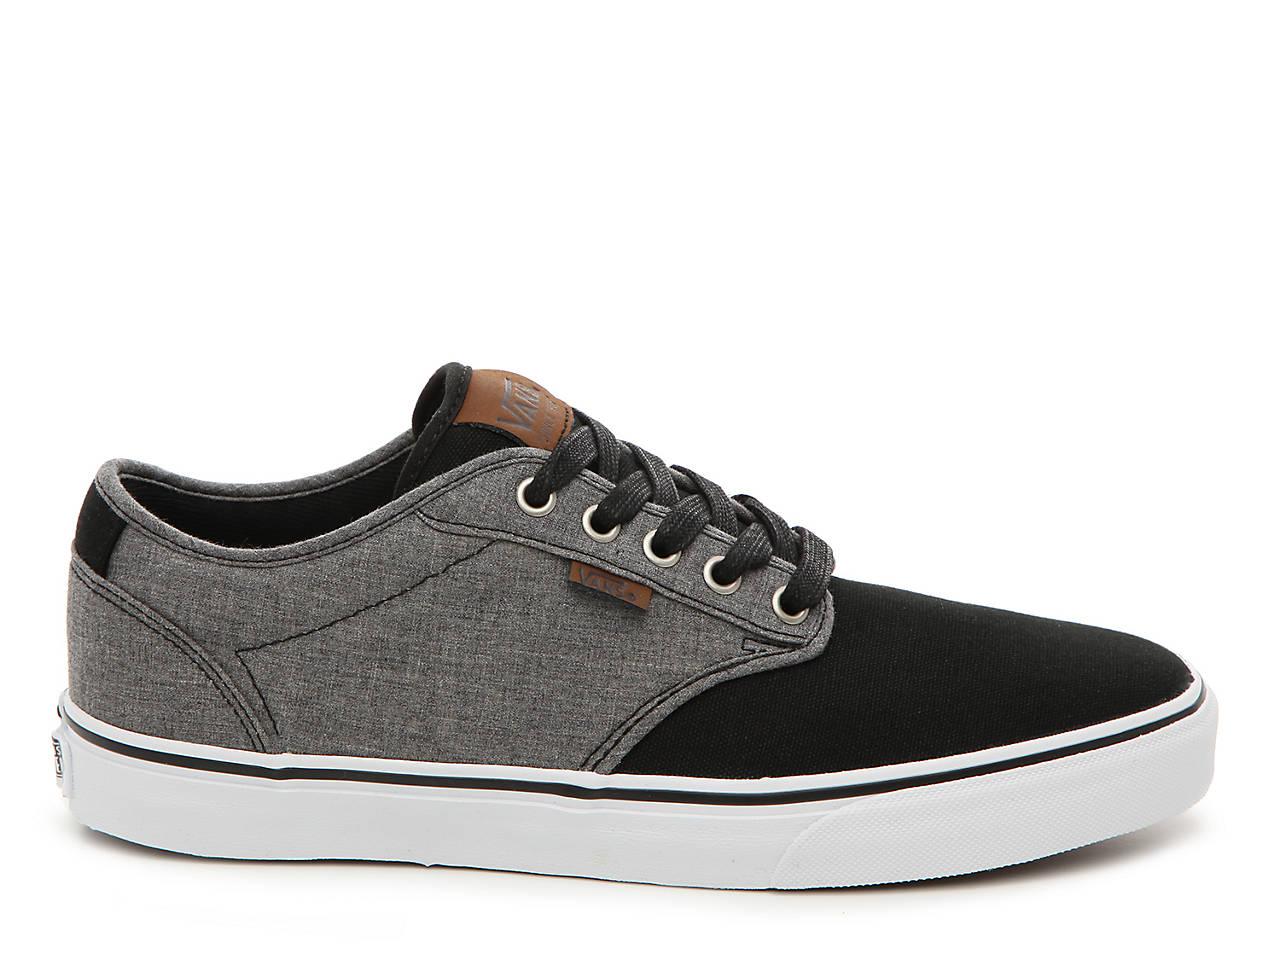 Vans Atwood Deluxe Sneaker Men's Men's Shoes | DSW